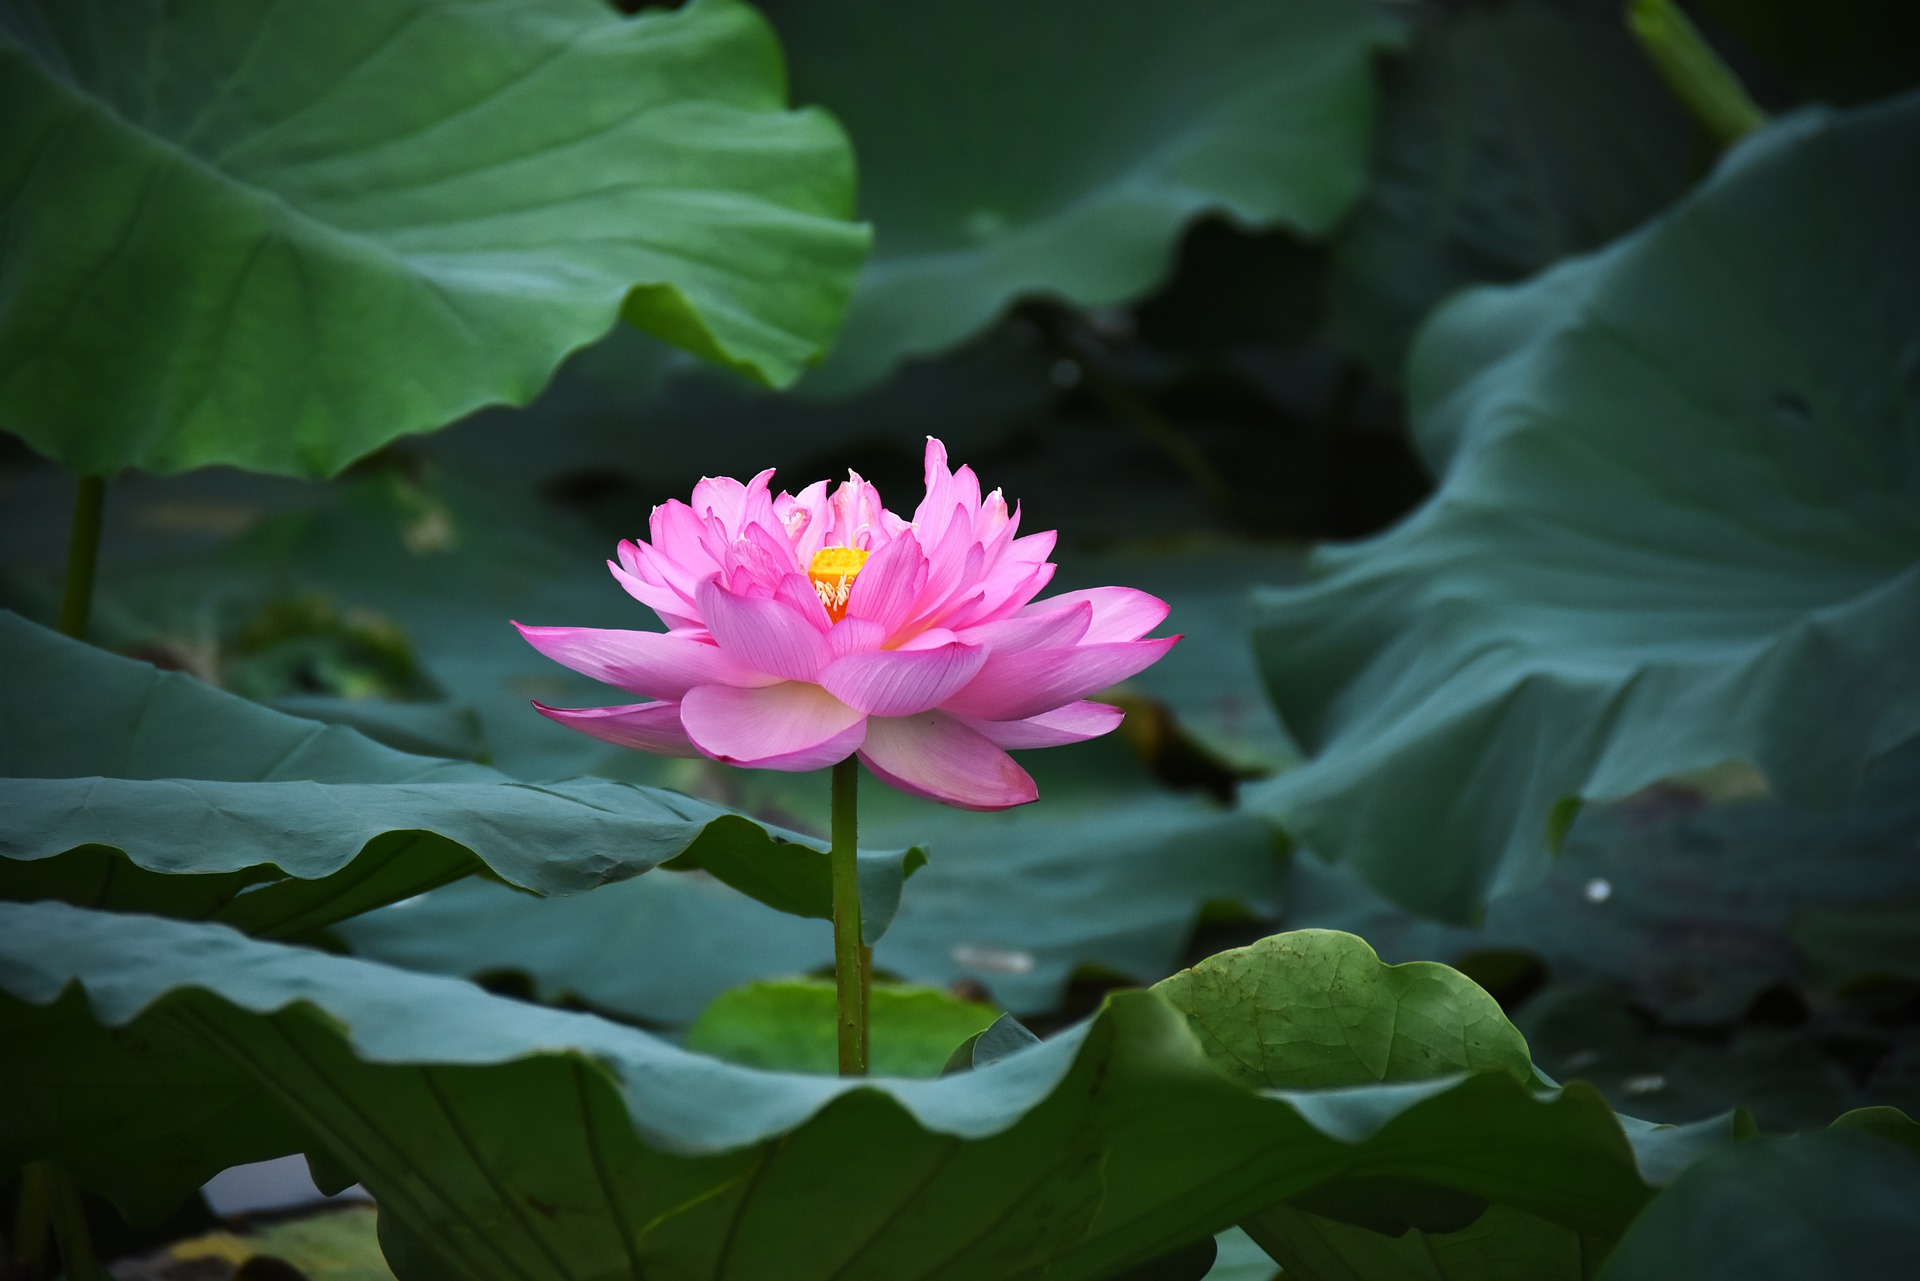 ピンクの蓮の花を眺めて第3チャクラを整える